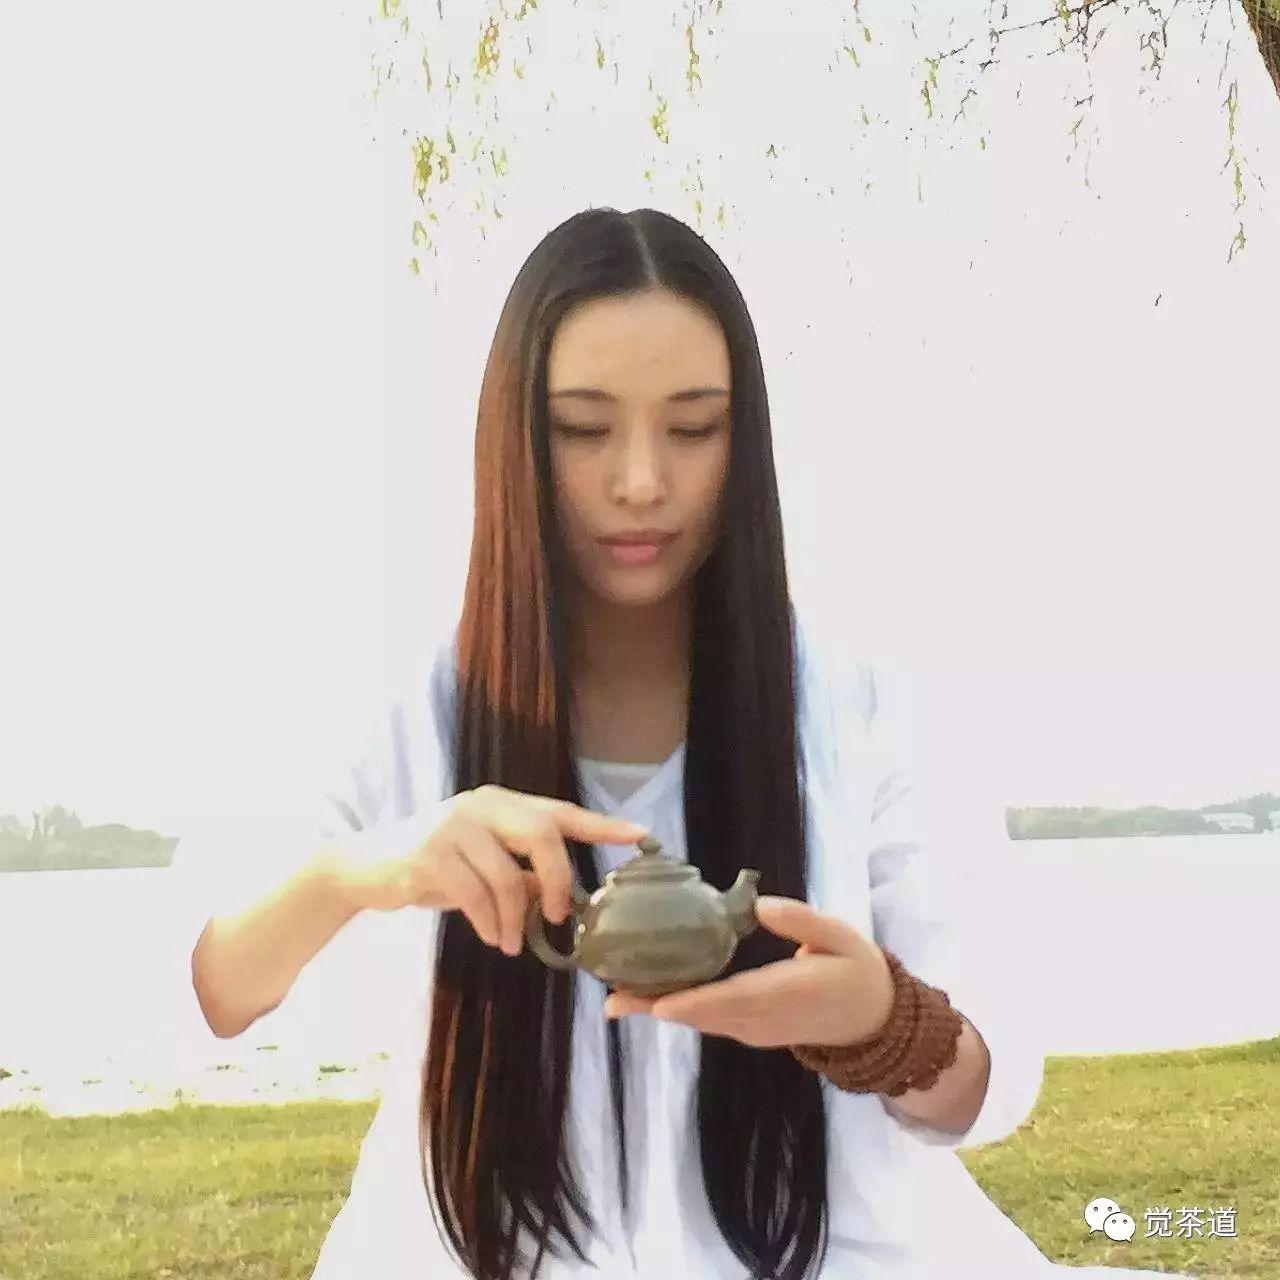 【觉茶道】品茶悟道,缘劫由心——汪云老师的茶人生